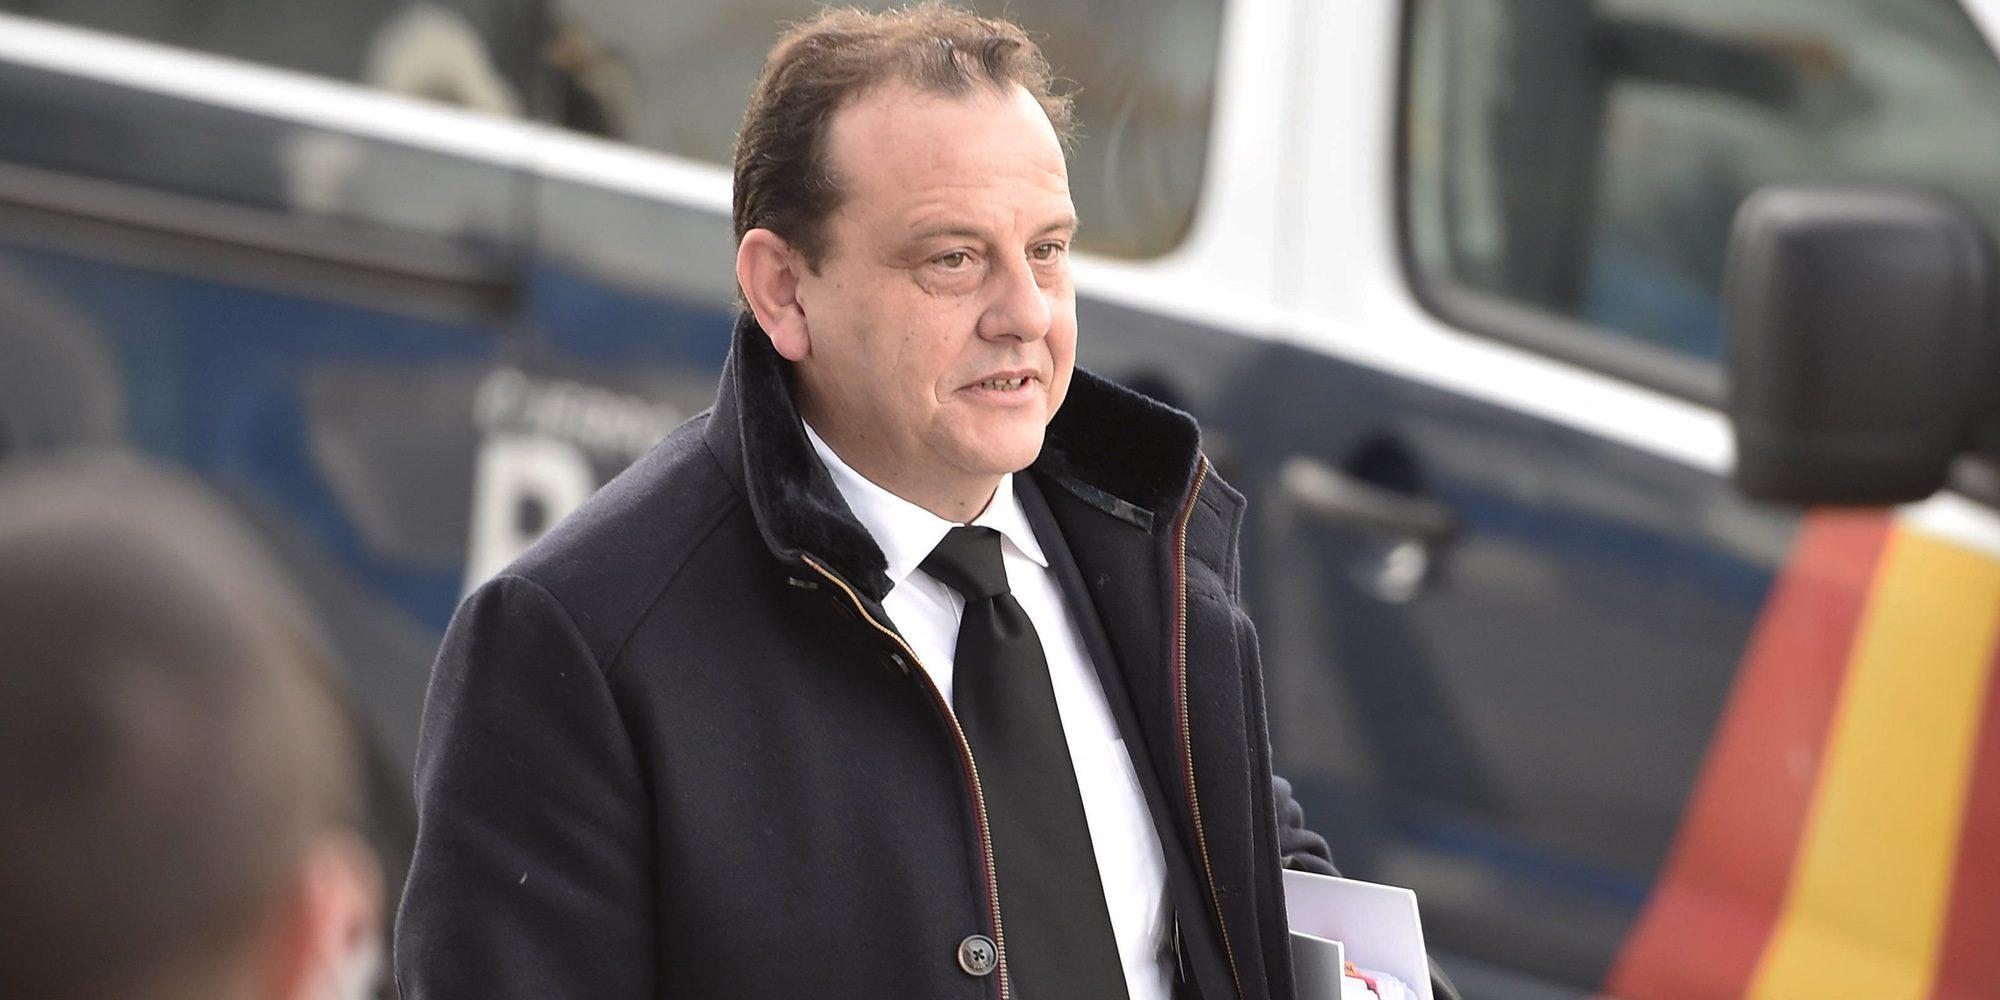 El fiscal Horrach confirma que pedirá más cárcel para Iñaki Urdangarín ante el Tribunal Supremo